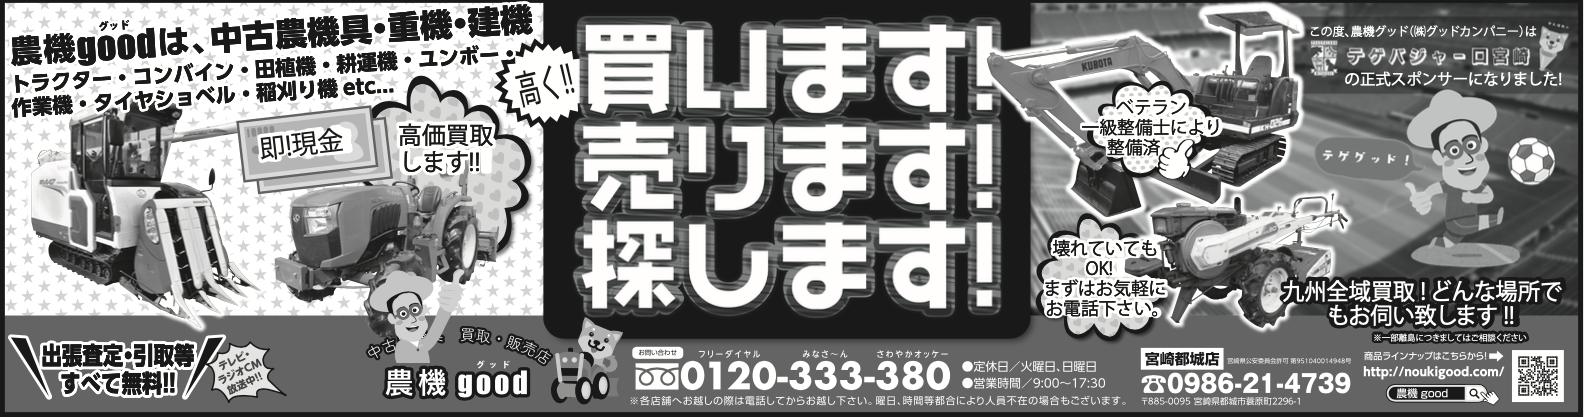 宮崎日日新聞社の広告